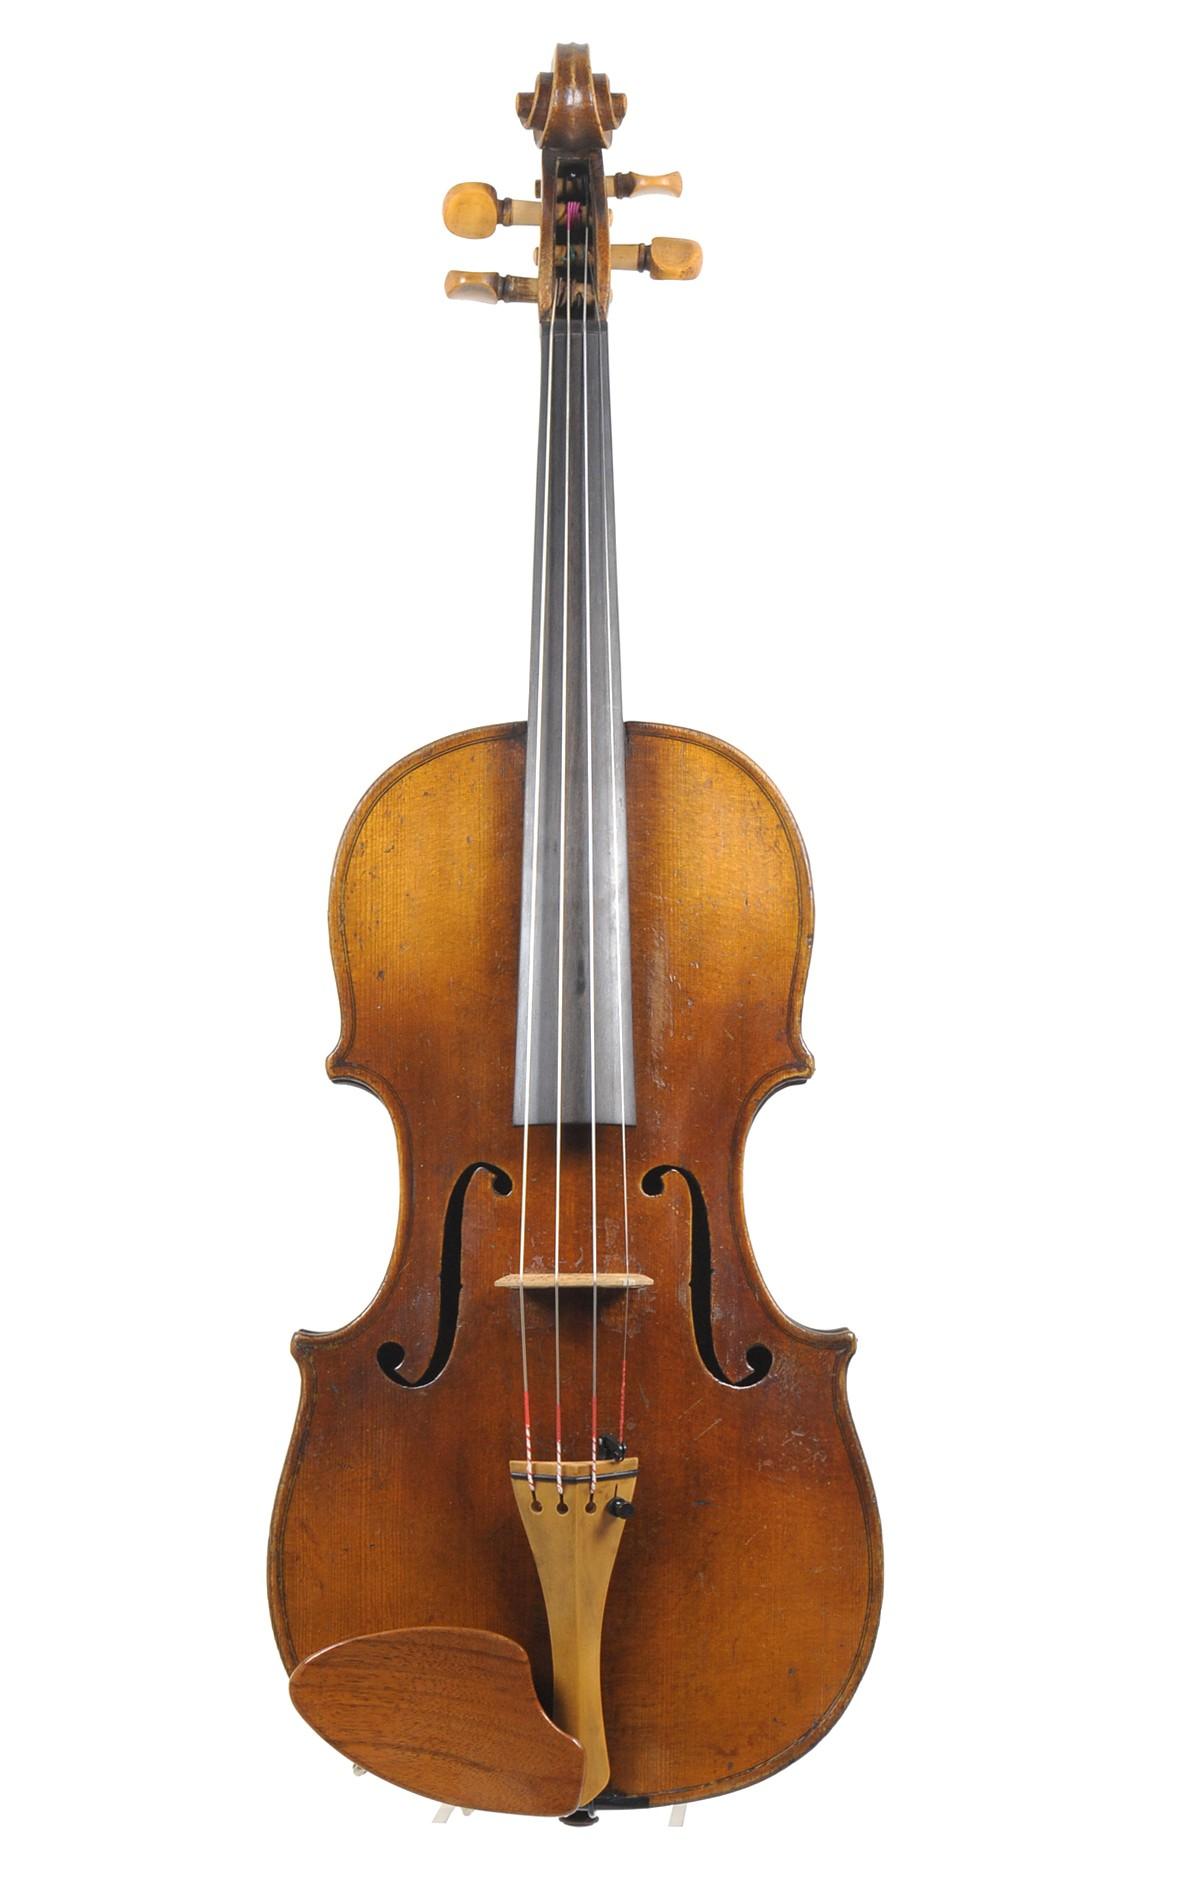 Klingenthaler Hopf Geige, um 1820 - Decke